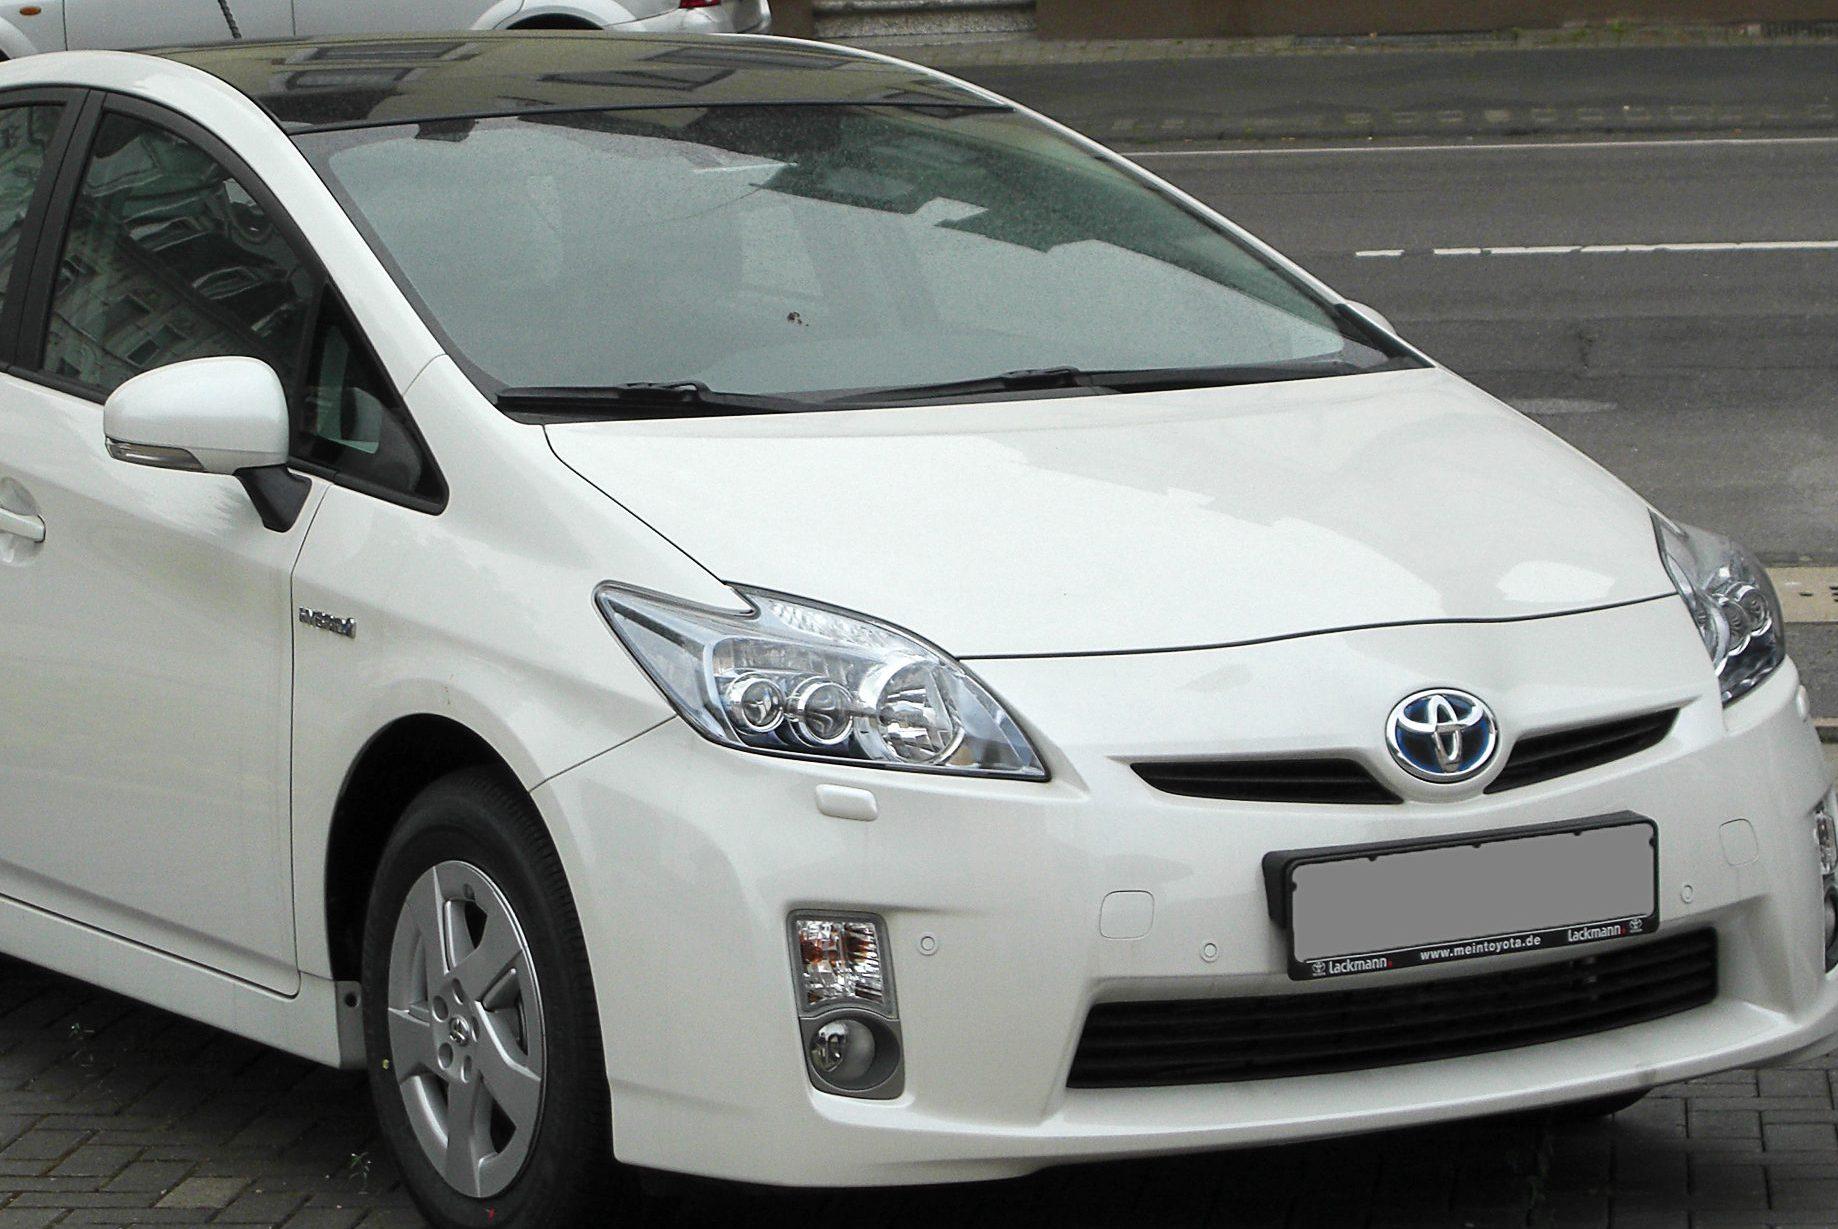 Toyota відкликає автомобілі Prius через гальма